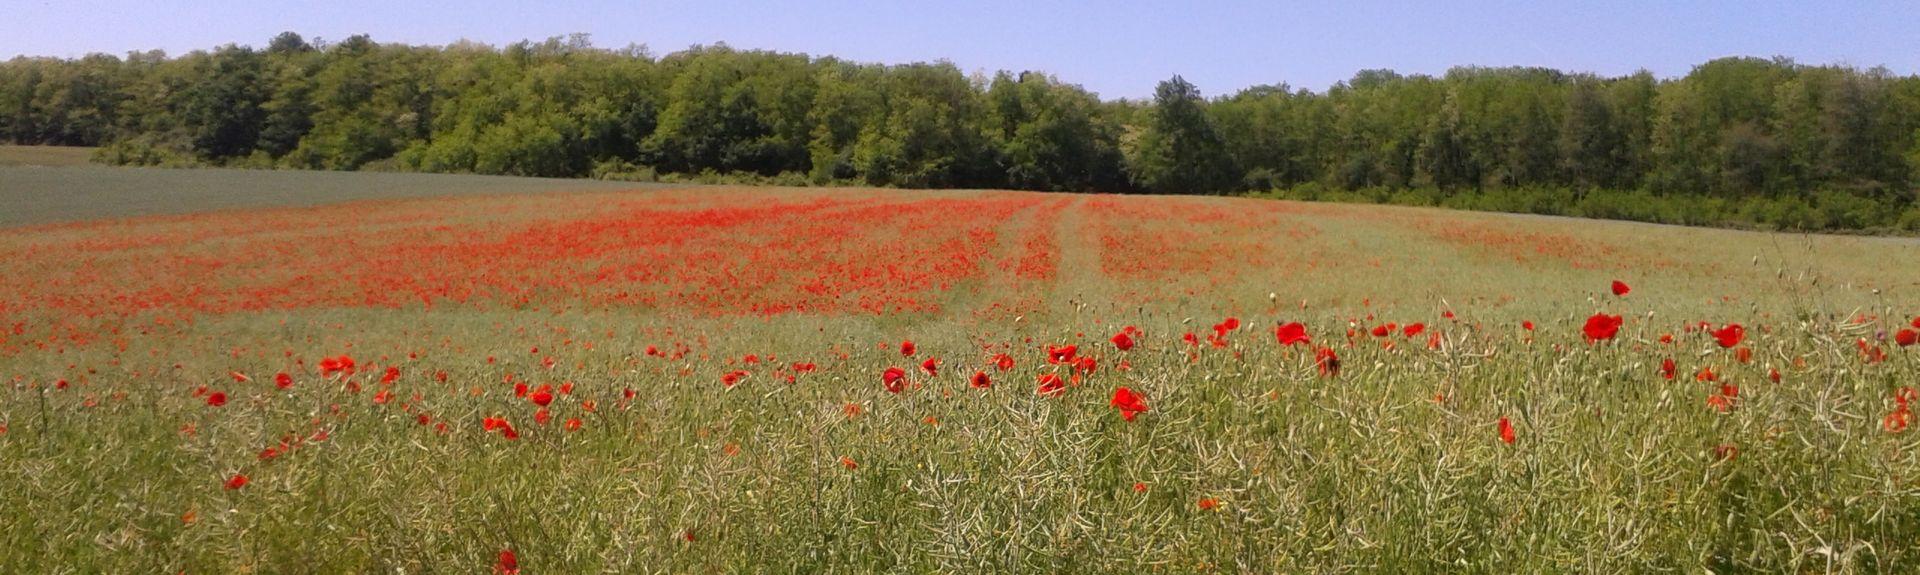 Dirol, Bourgogne-Franche-Comté, France